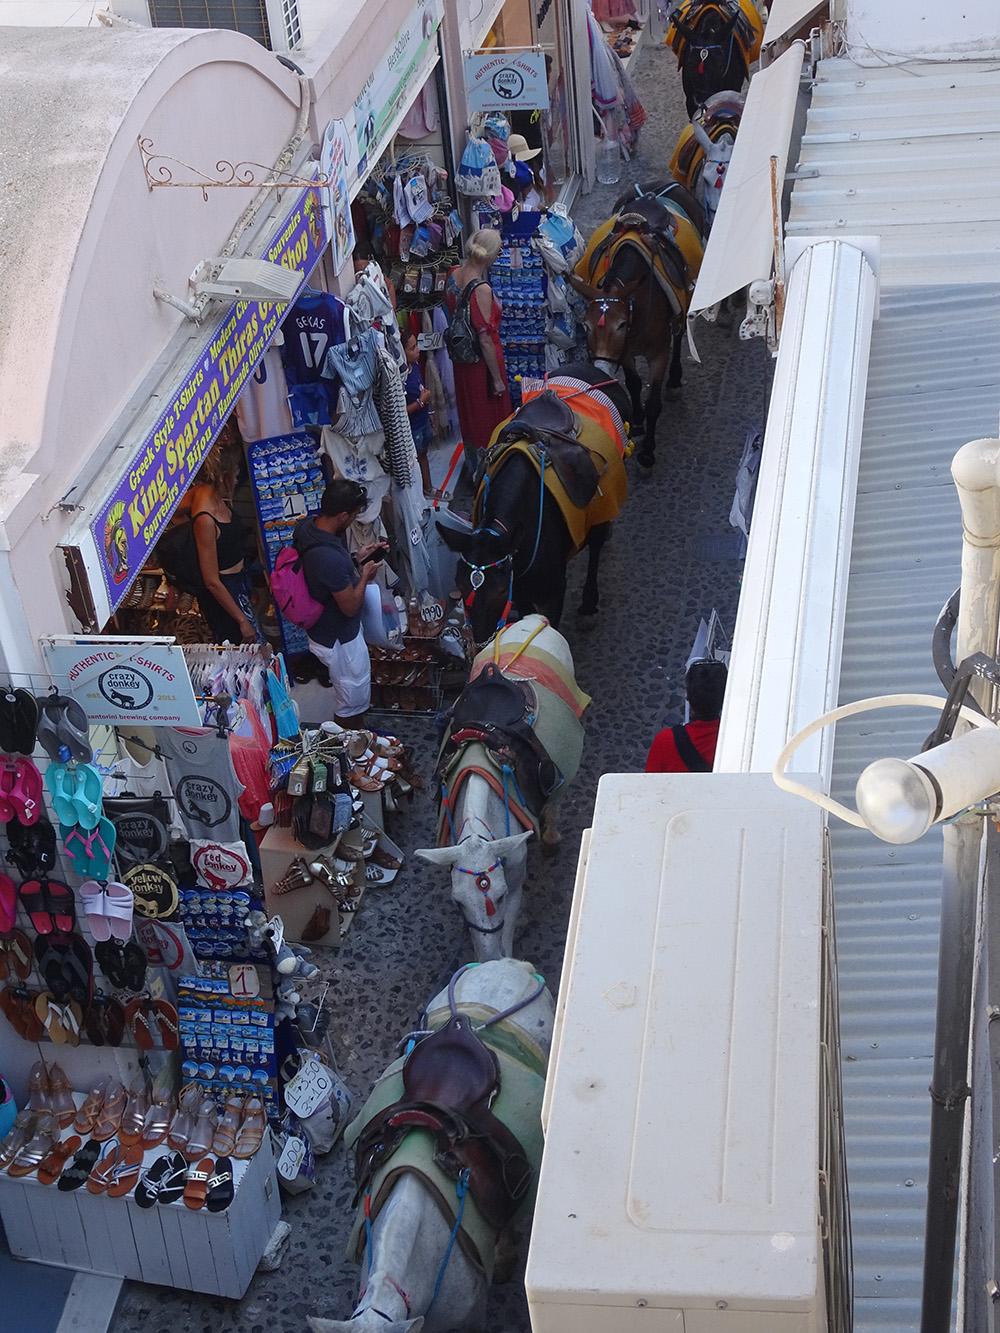 Ezeltjes in de straten van Fira